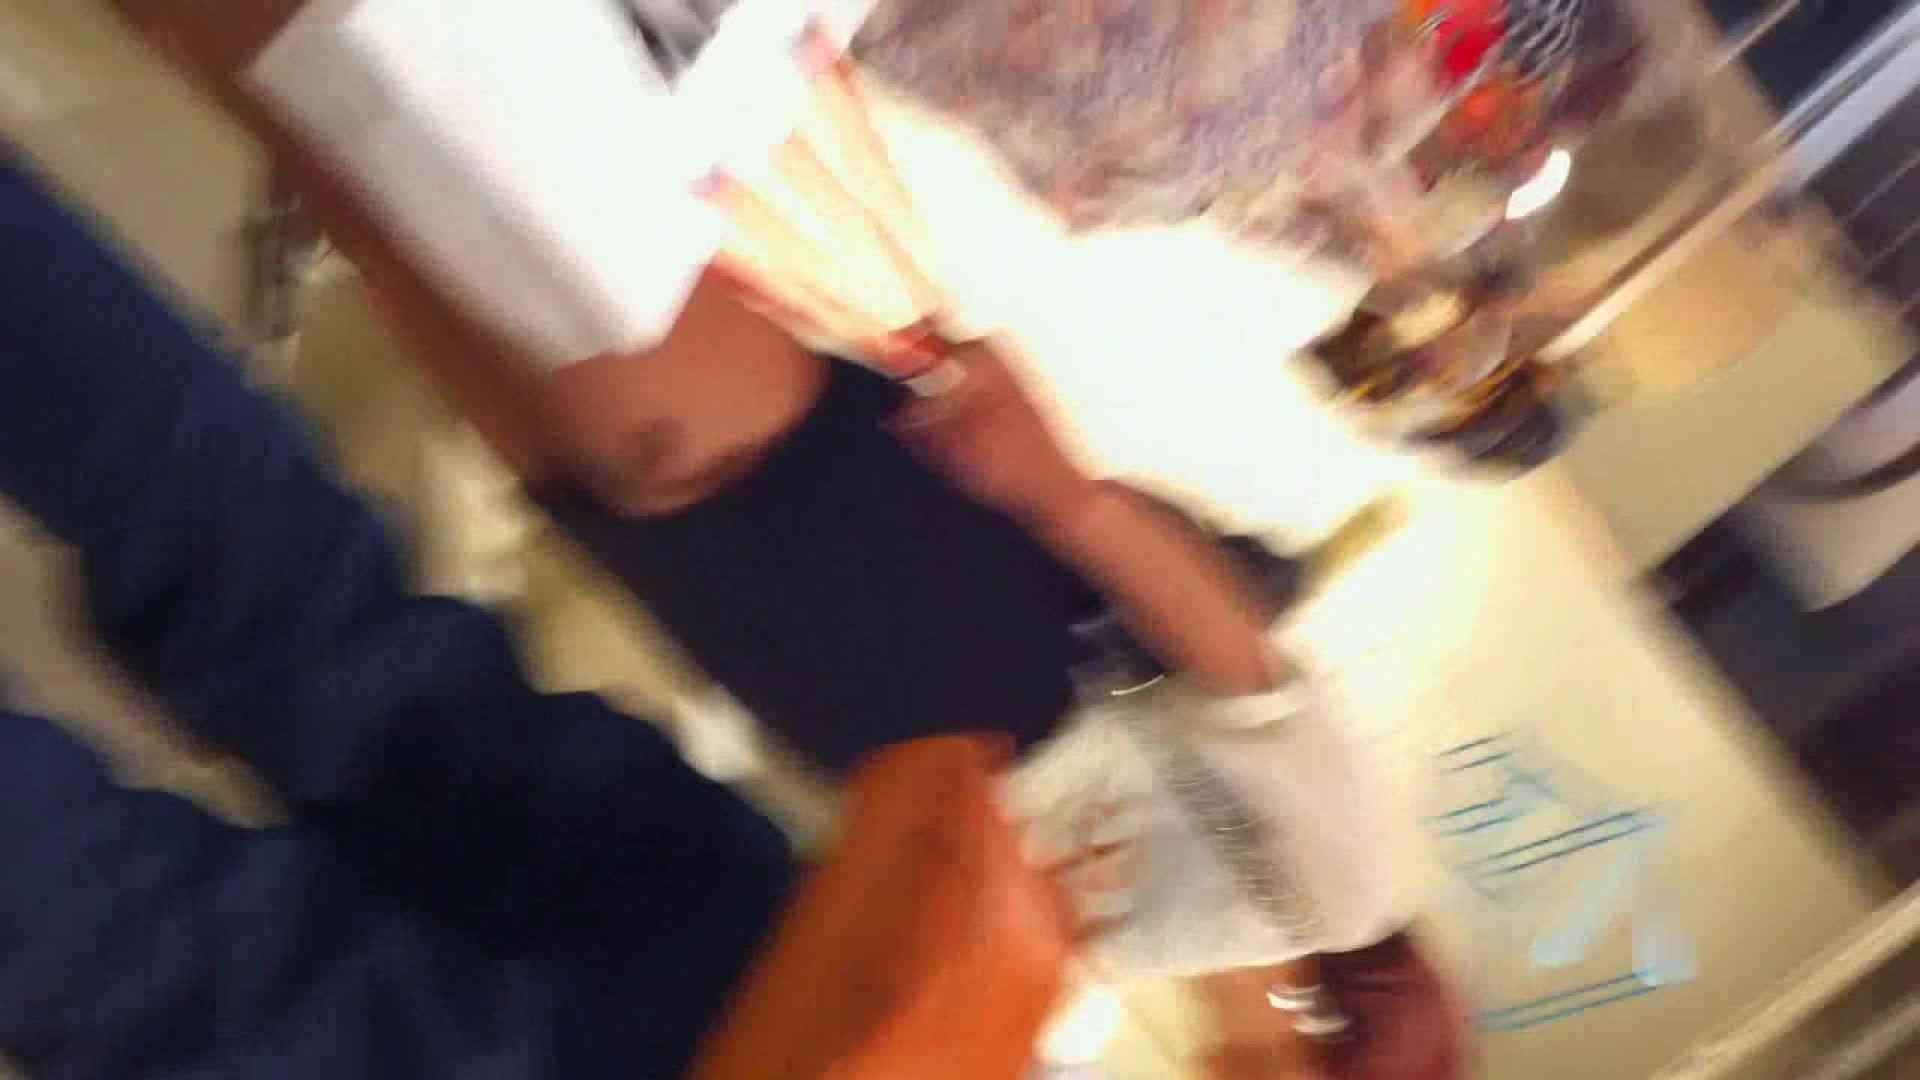 フルHD ショップ店員千人斬り! 大画面ノーカット完全版 vol.07 OLエロ画像 隠し撮りすけべAV動画紹介 109PICs 102